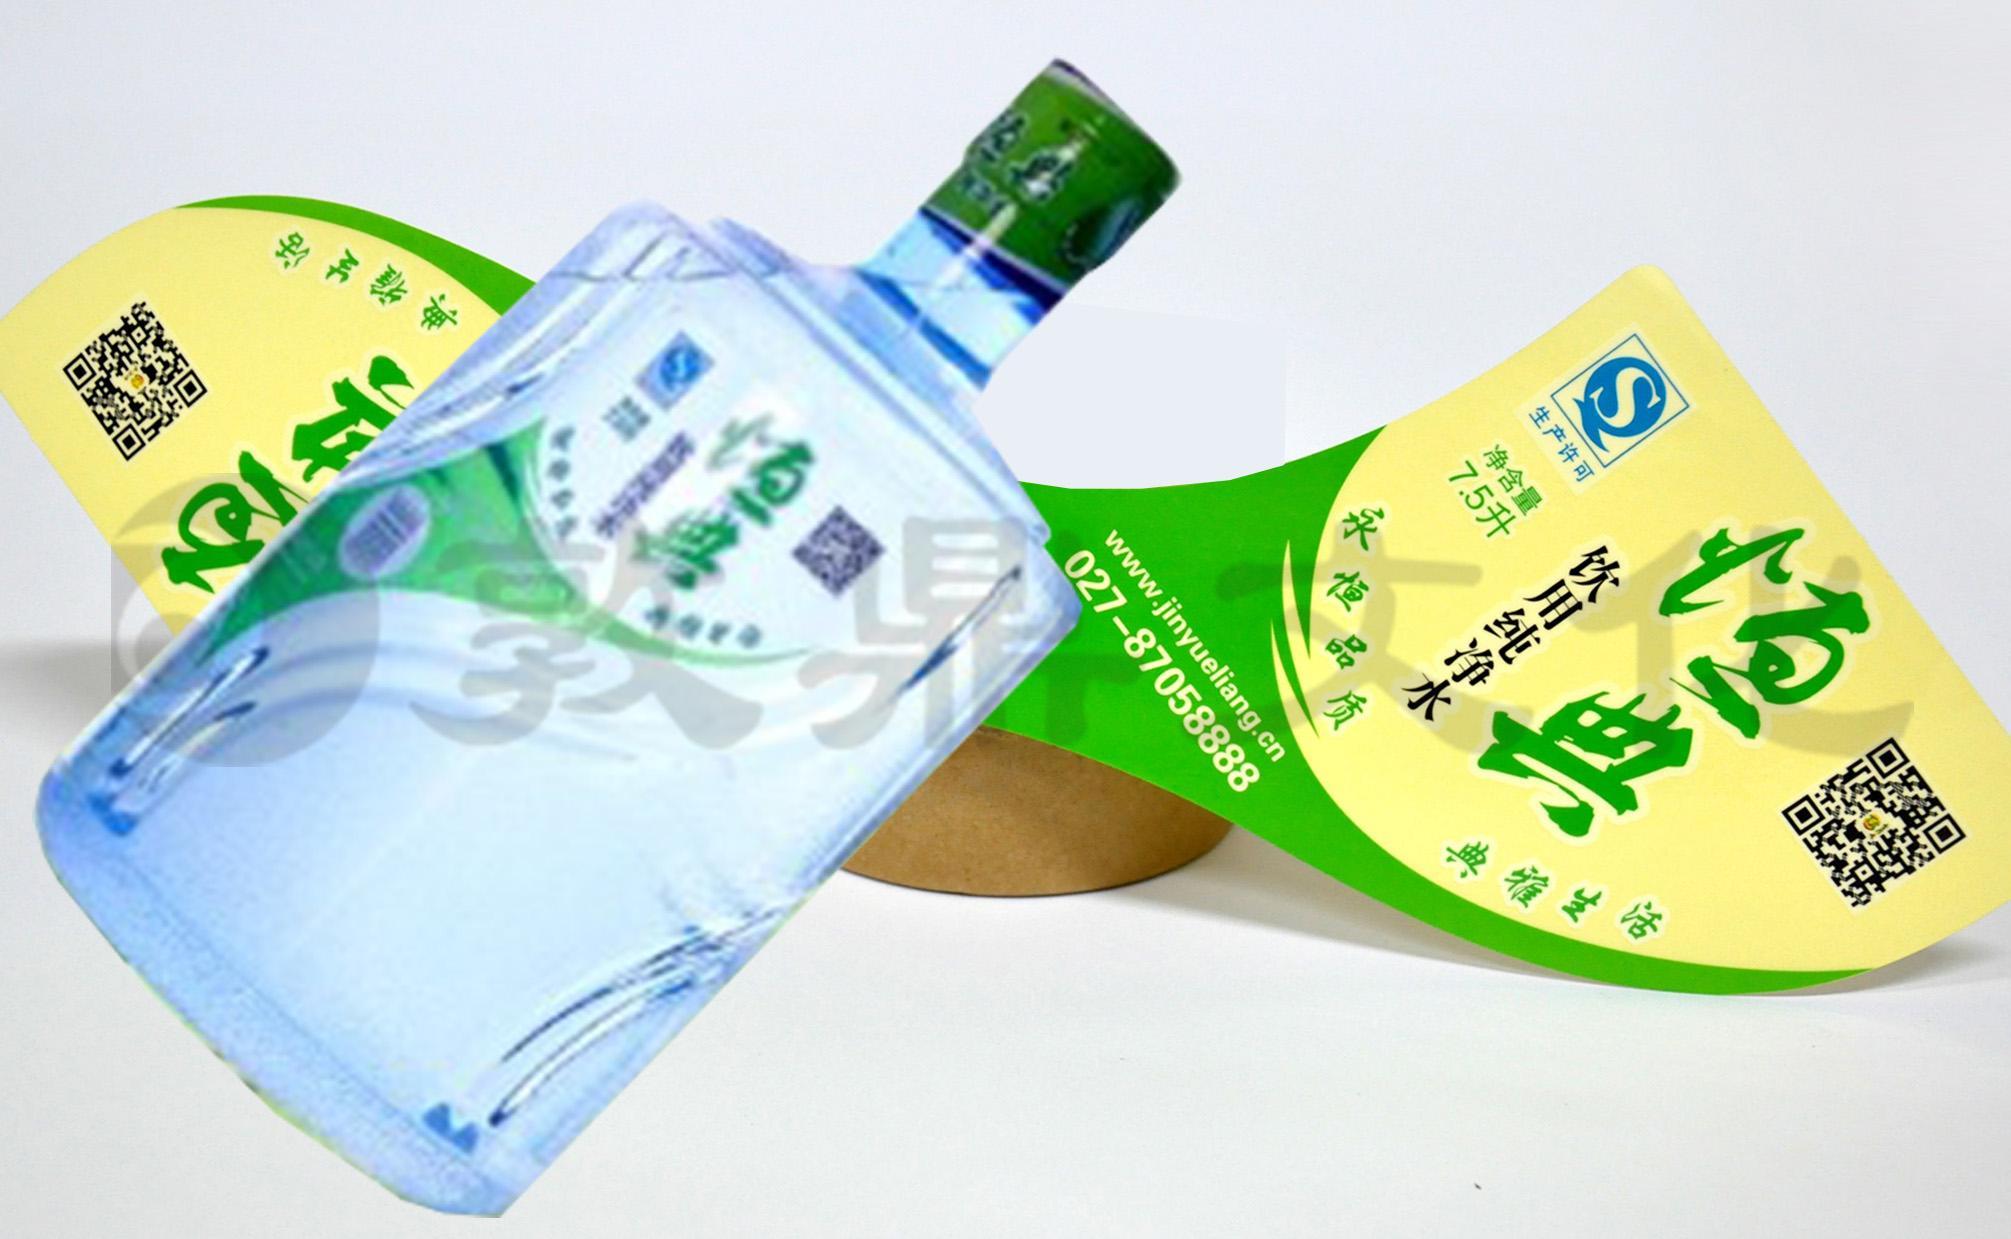 水桶身形状的独特的特点,敦鼎公司设计出与之相匹配的异形桶装水标签